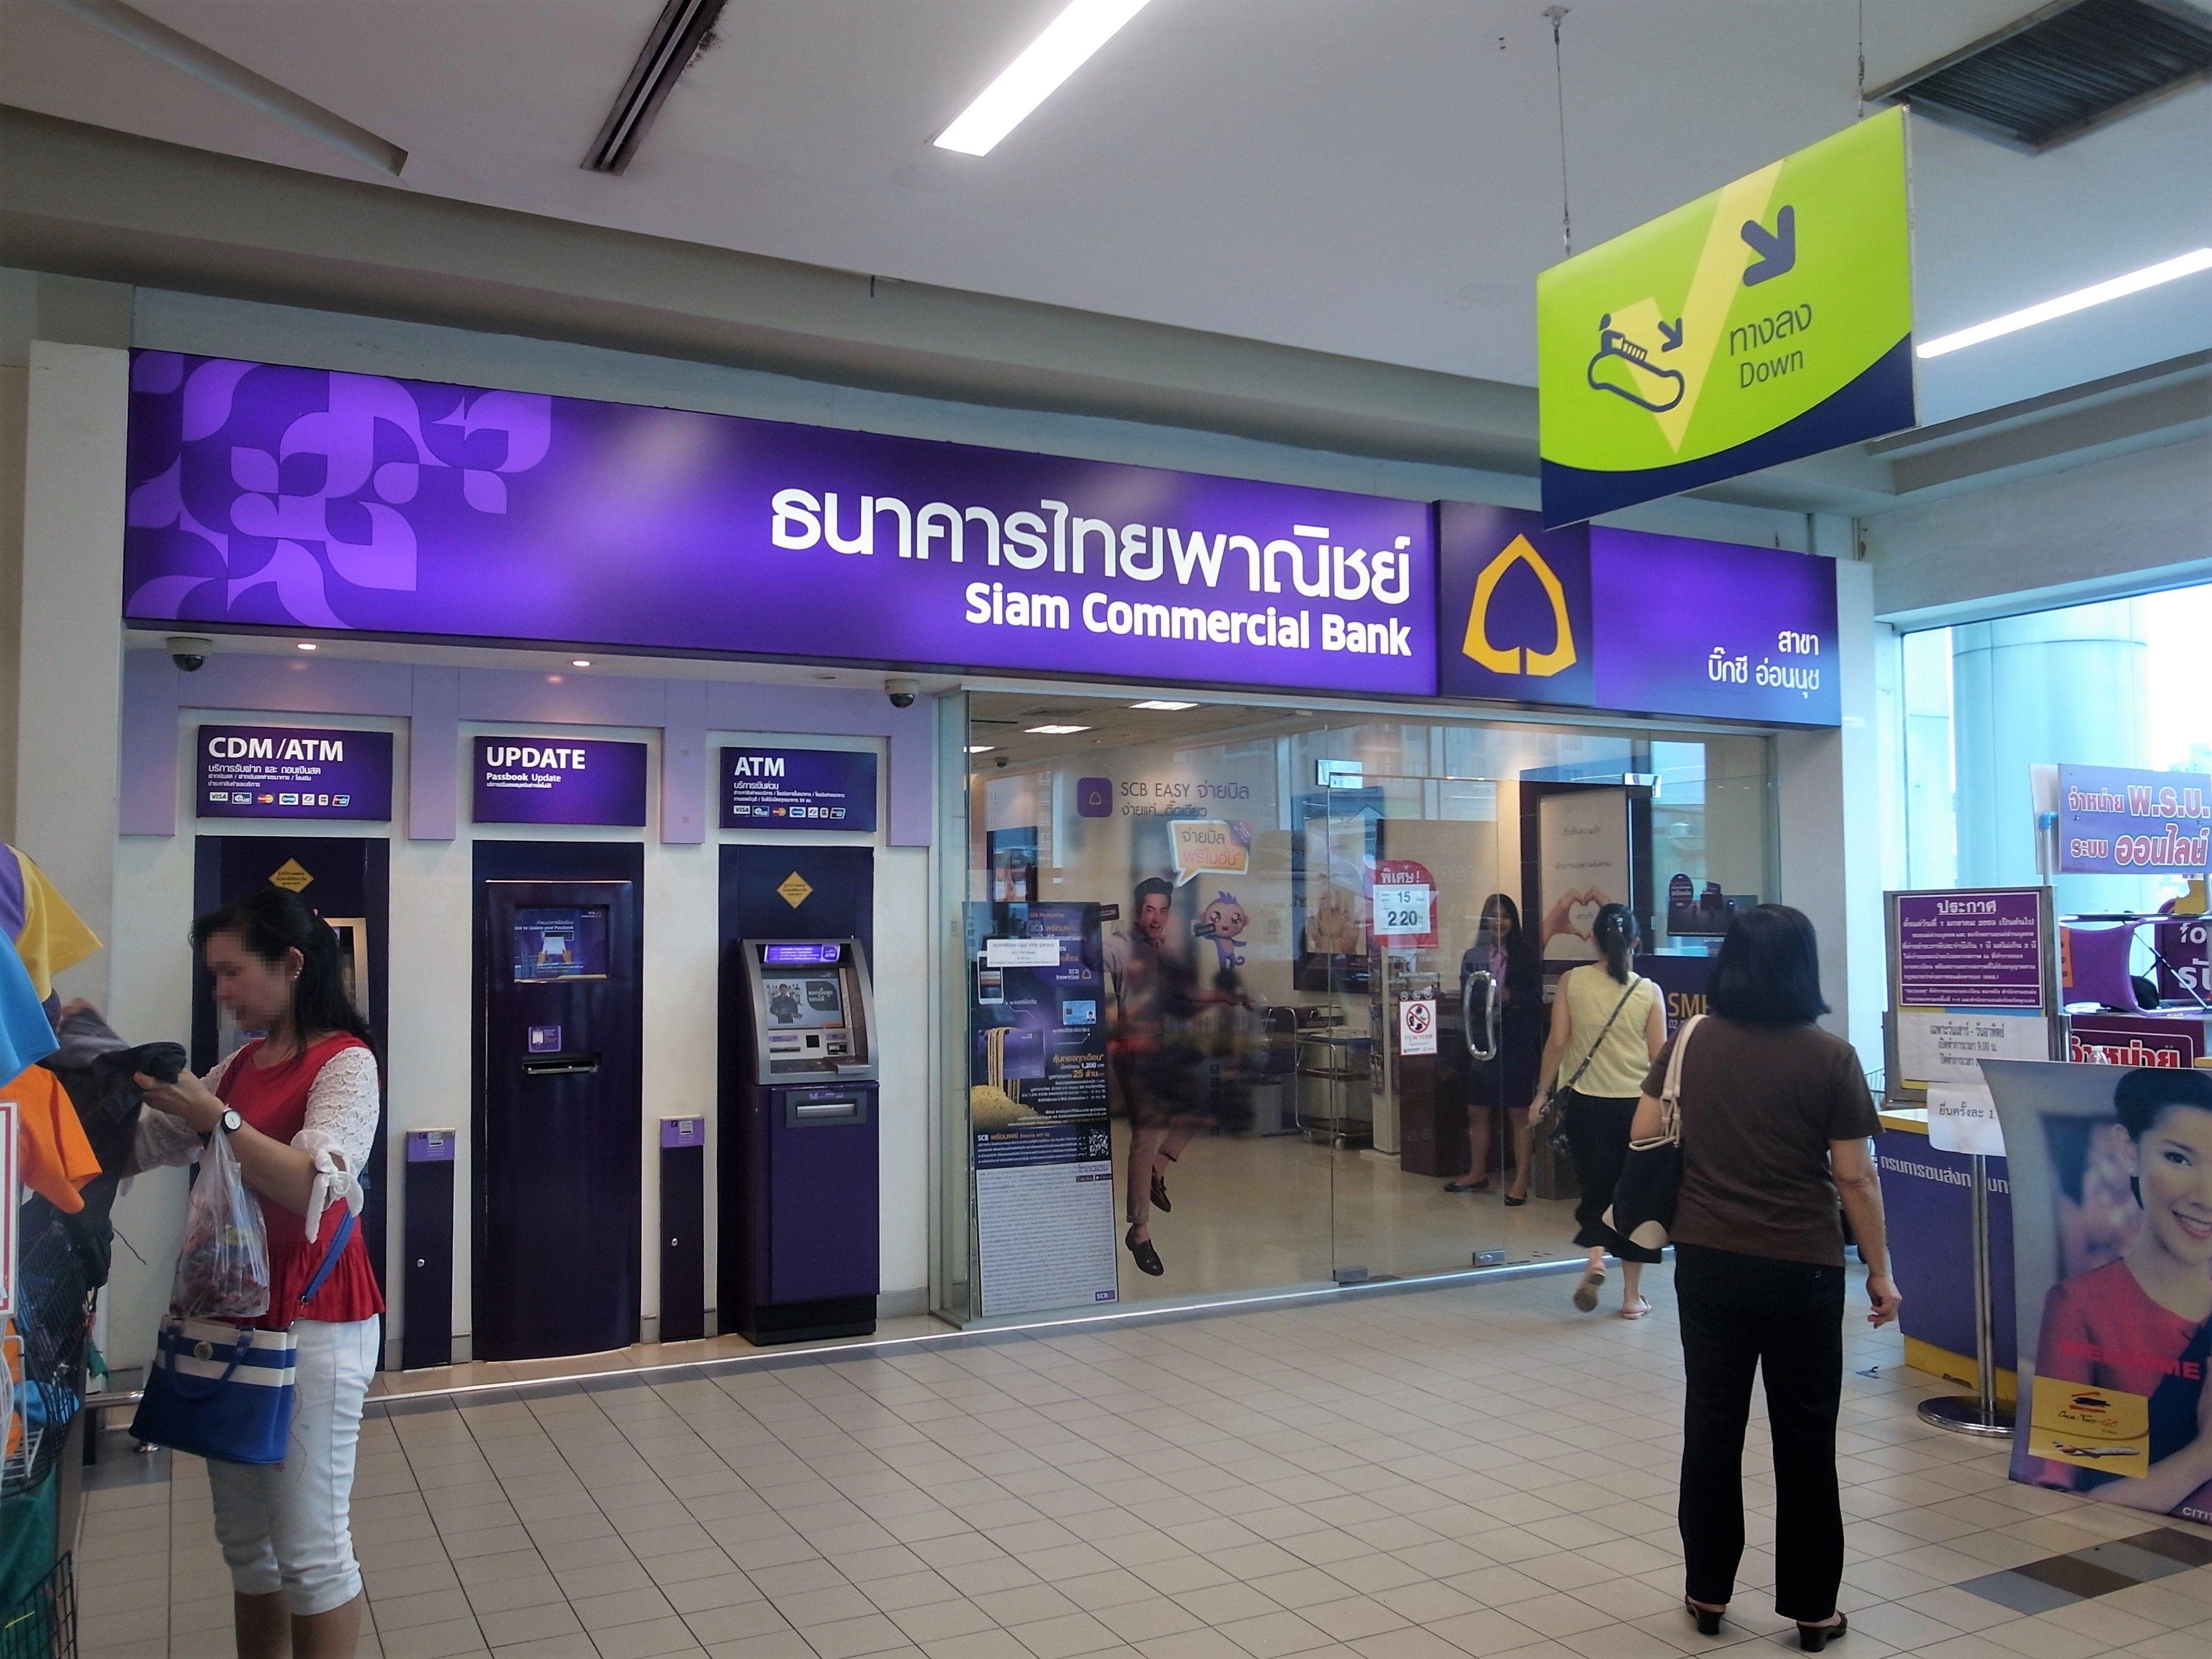 米リップルとタイ最古の商業銀行、海外送金アプリで連携 ~訪タイで自国のアプリを用いた越境QR決済も利用可能 - 仮想通貨 Watch